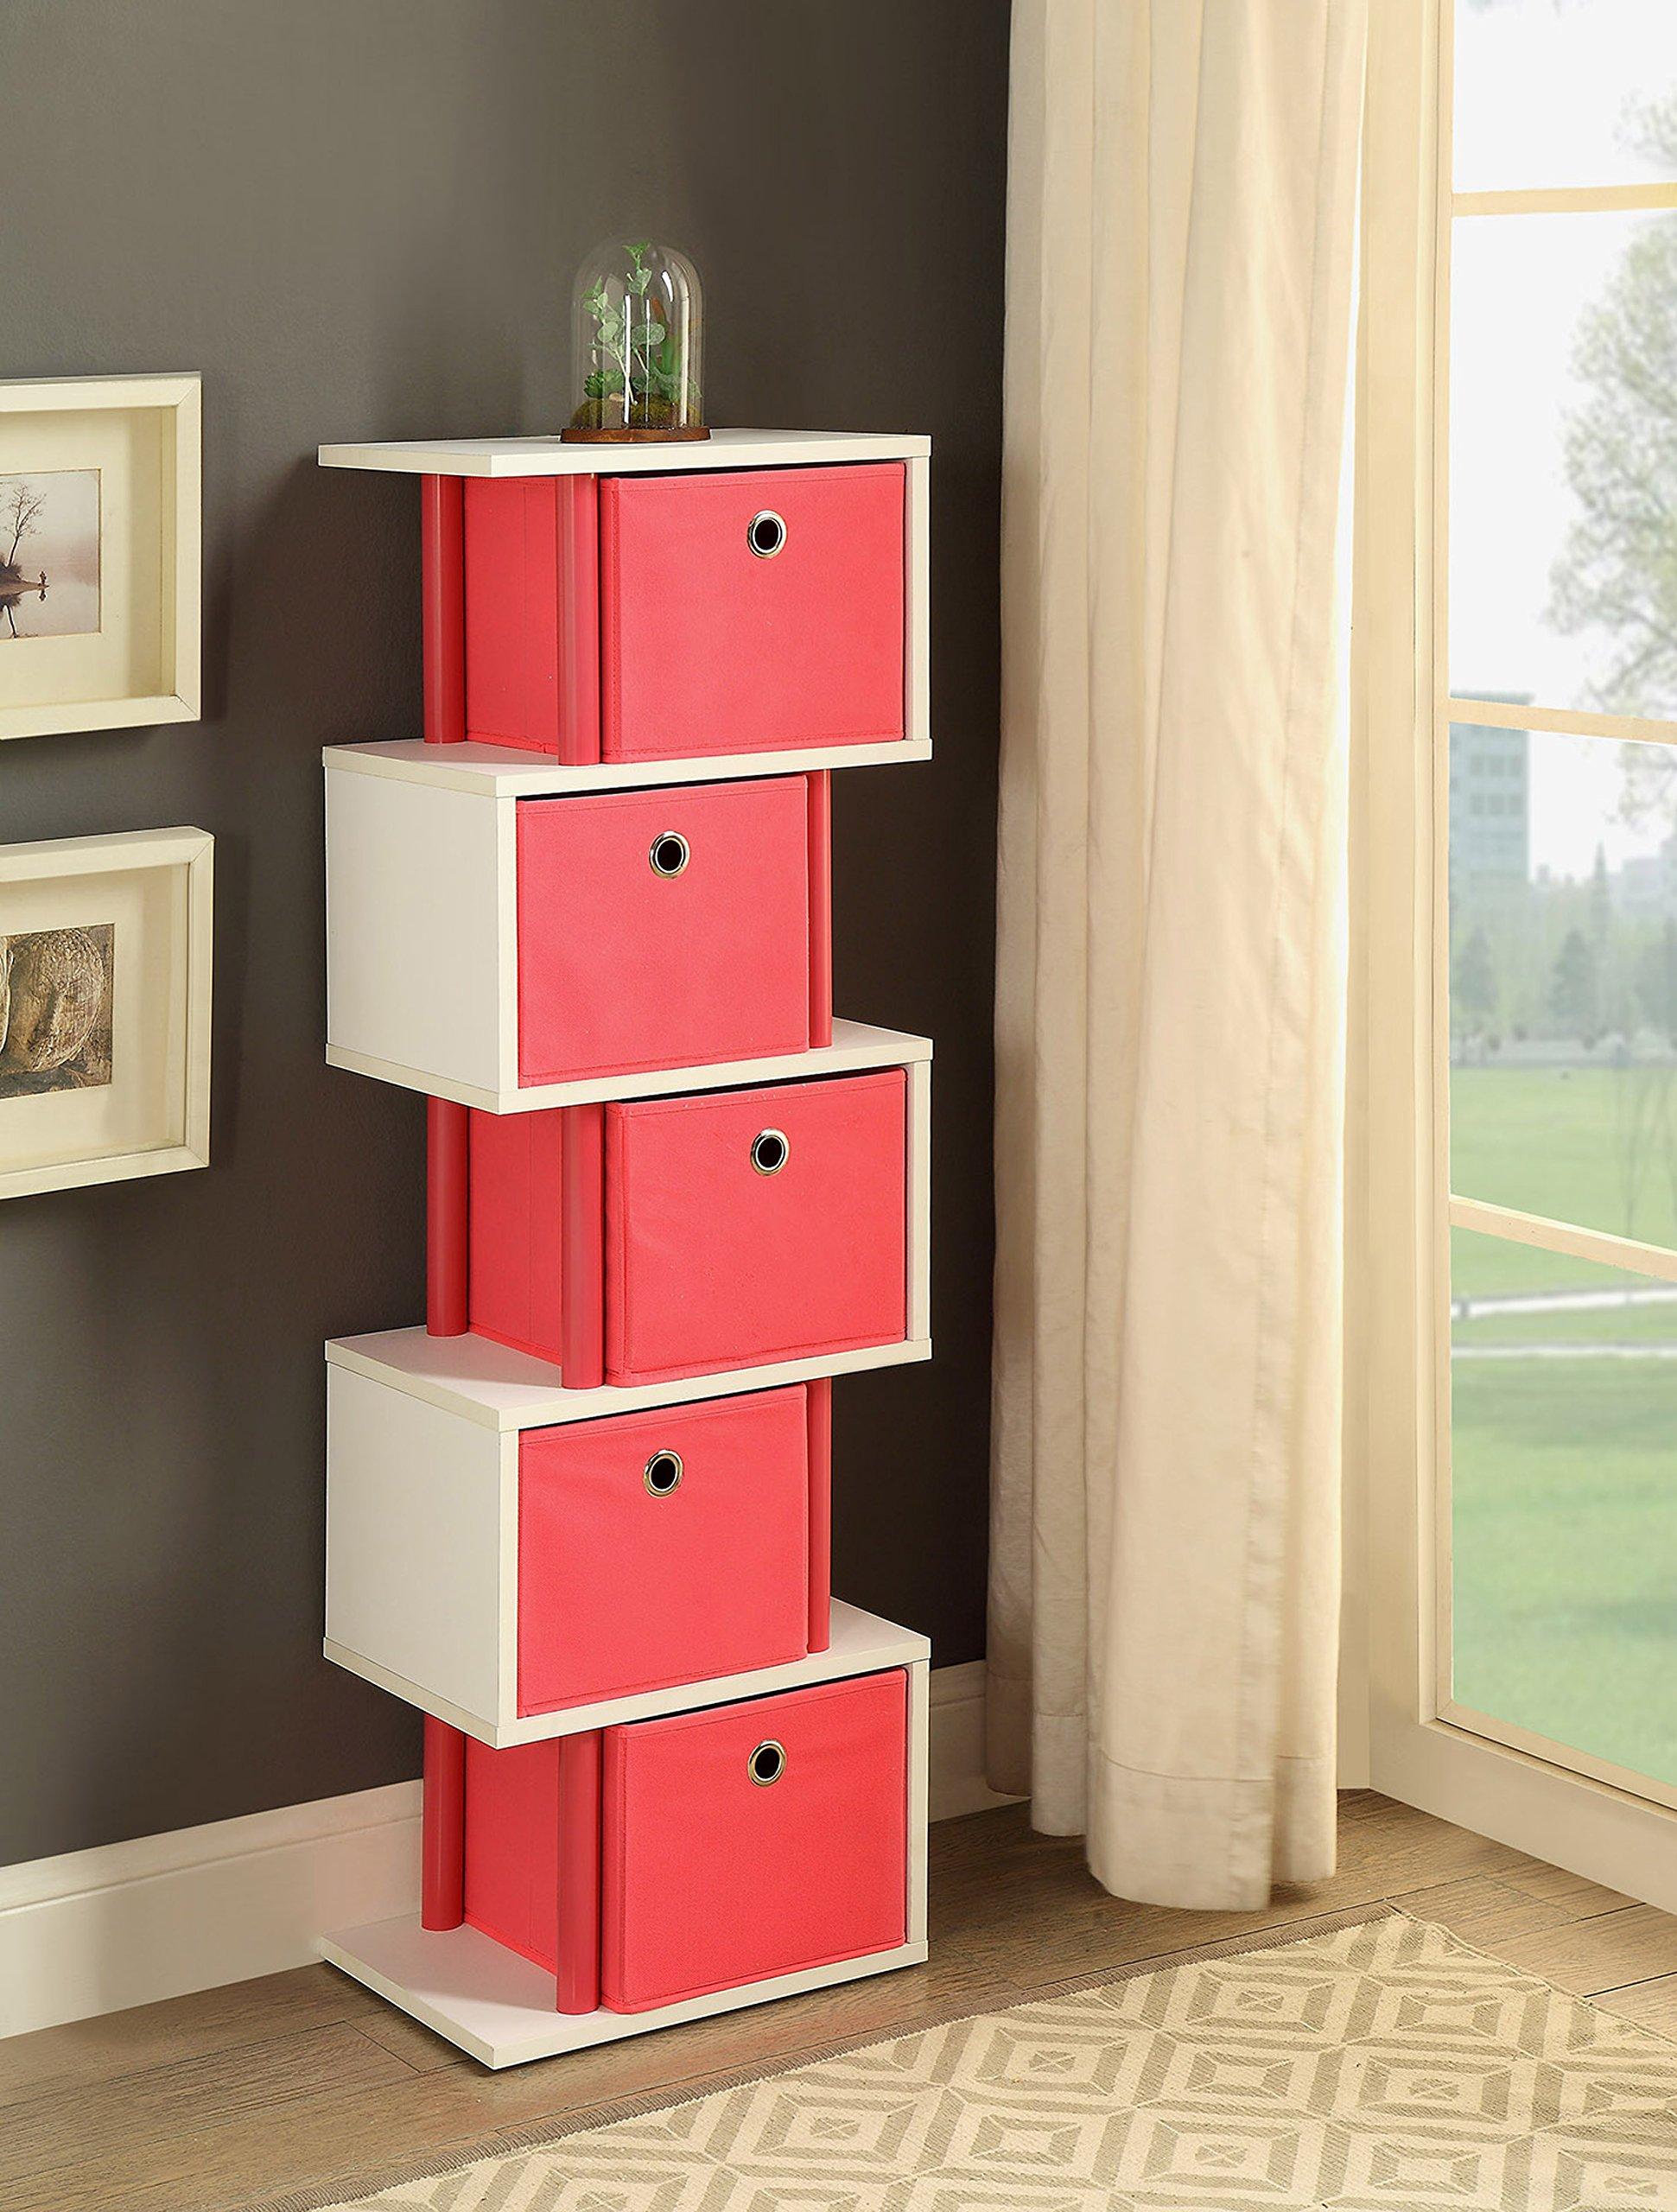 Zig Zag Drawer Storage in Pink